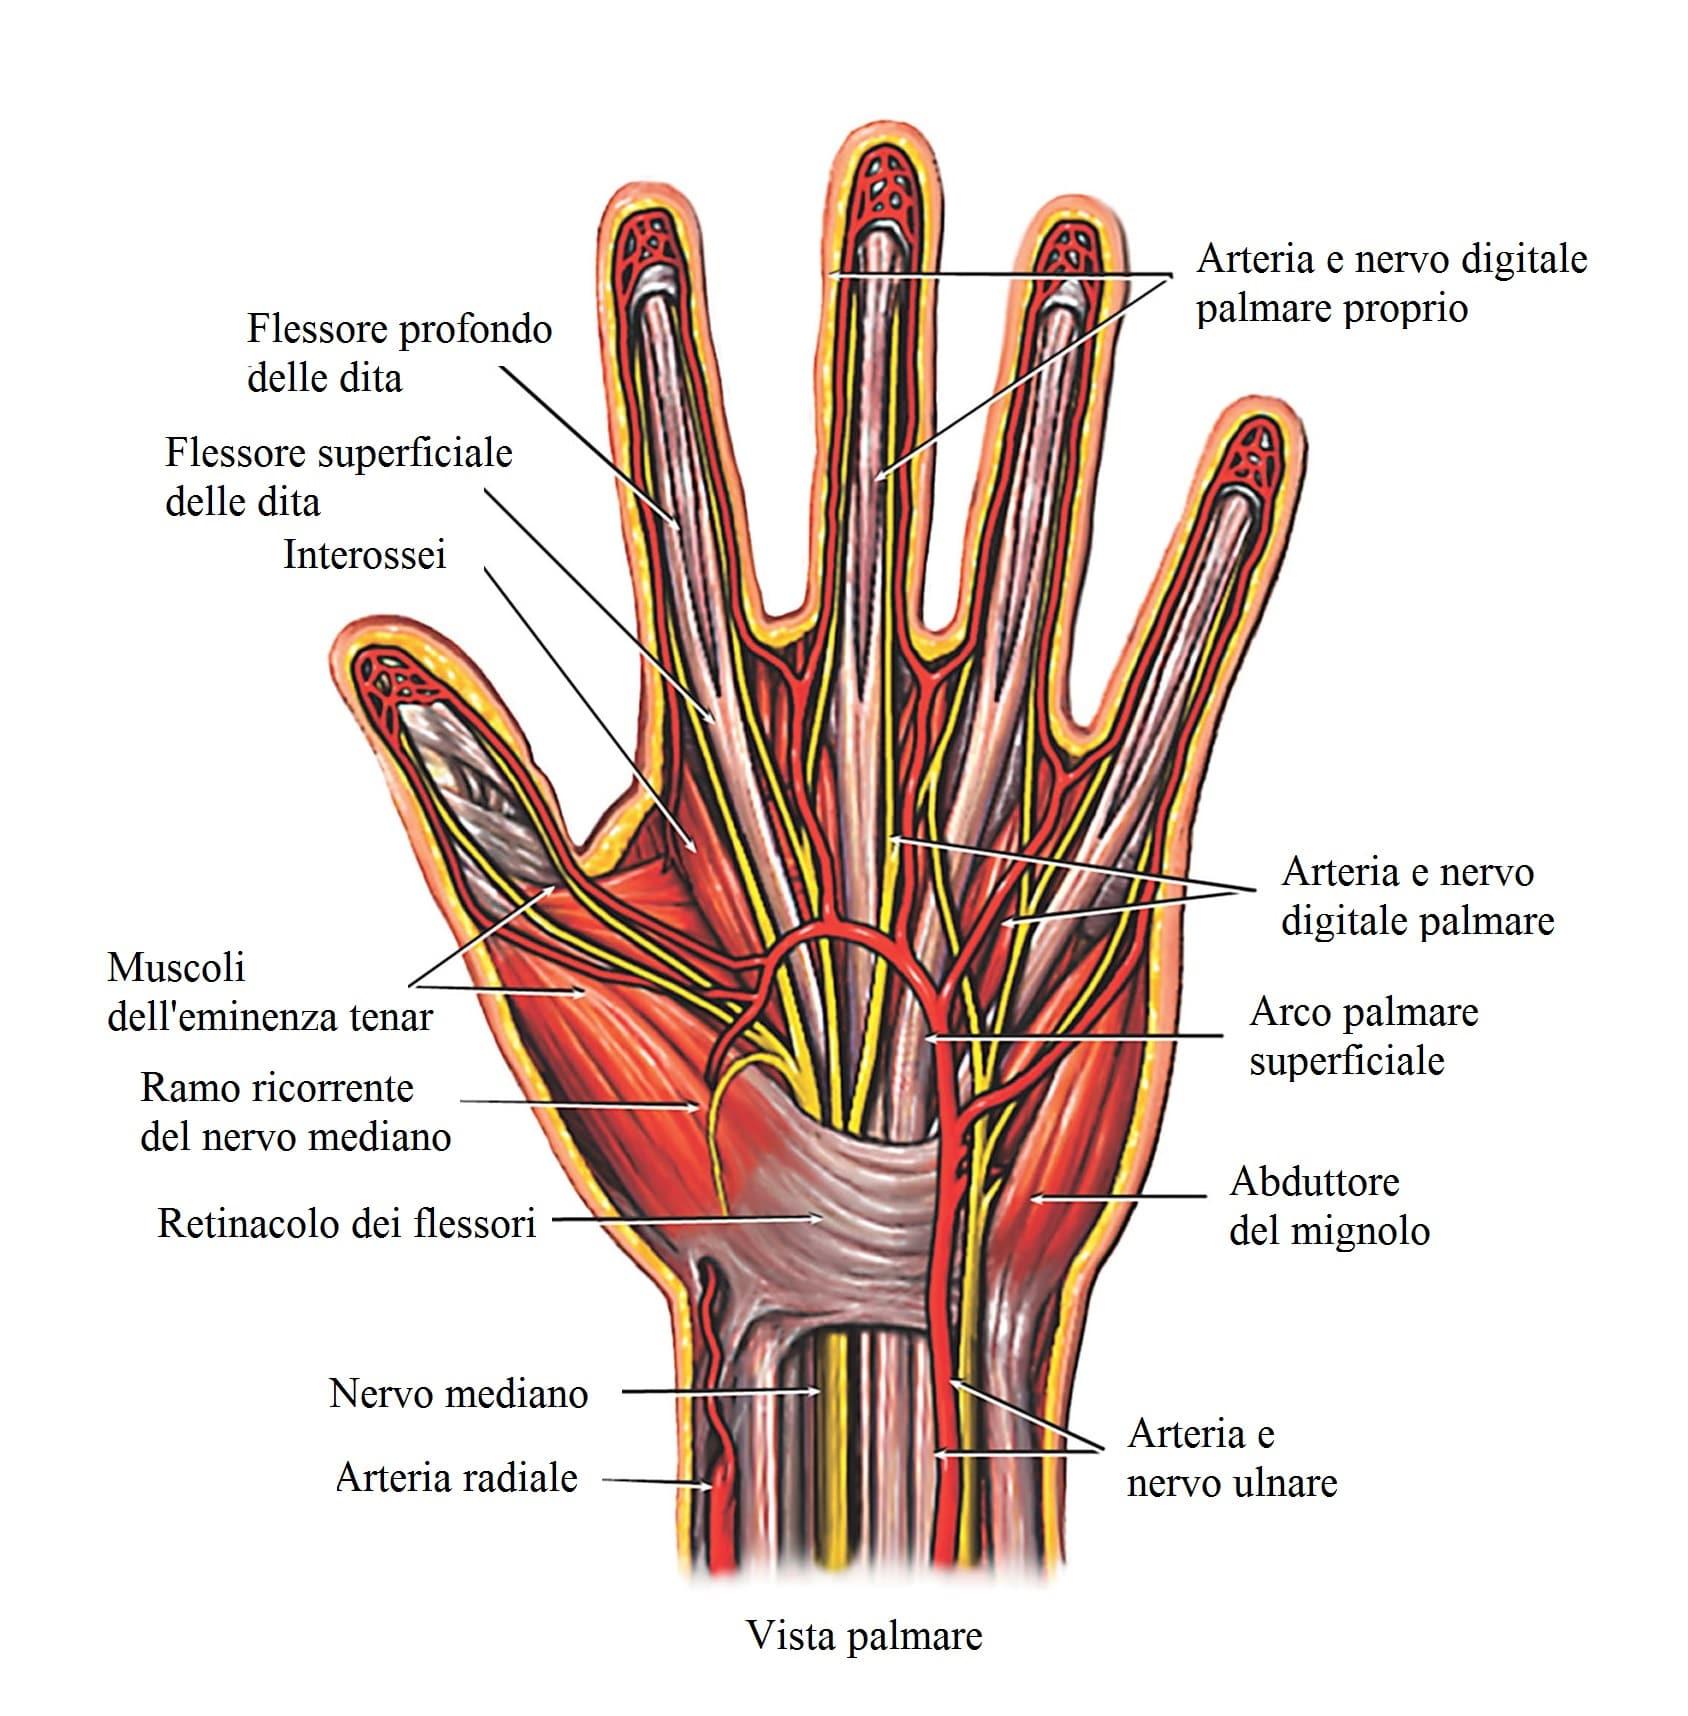 tendinite ai flessori della mano e polso a sinistra o